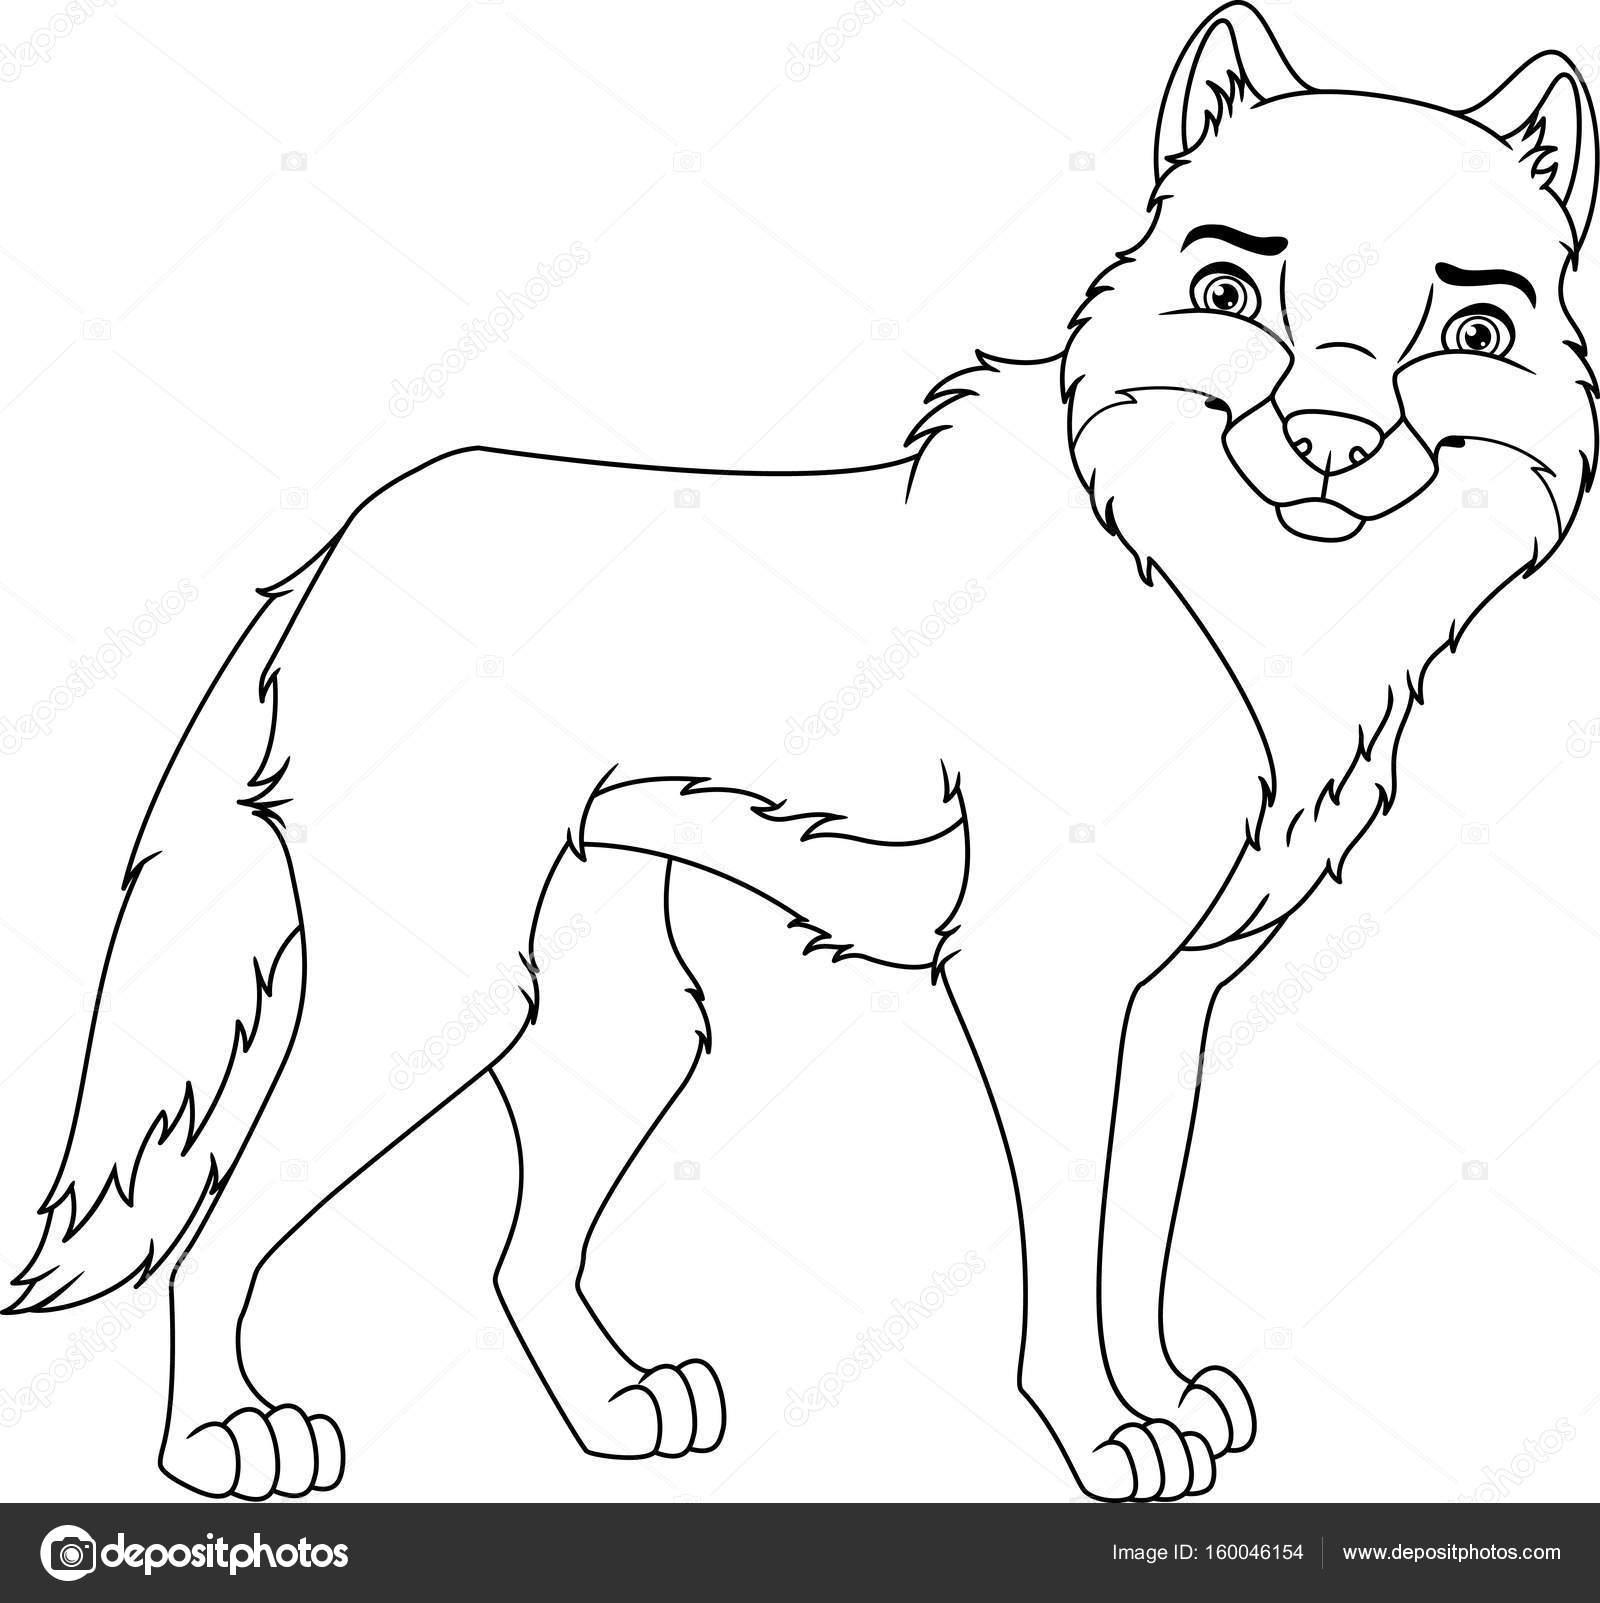 wolf kleurplaat stockvector 169 malyaka 160046154